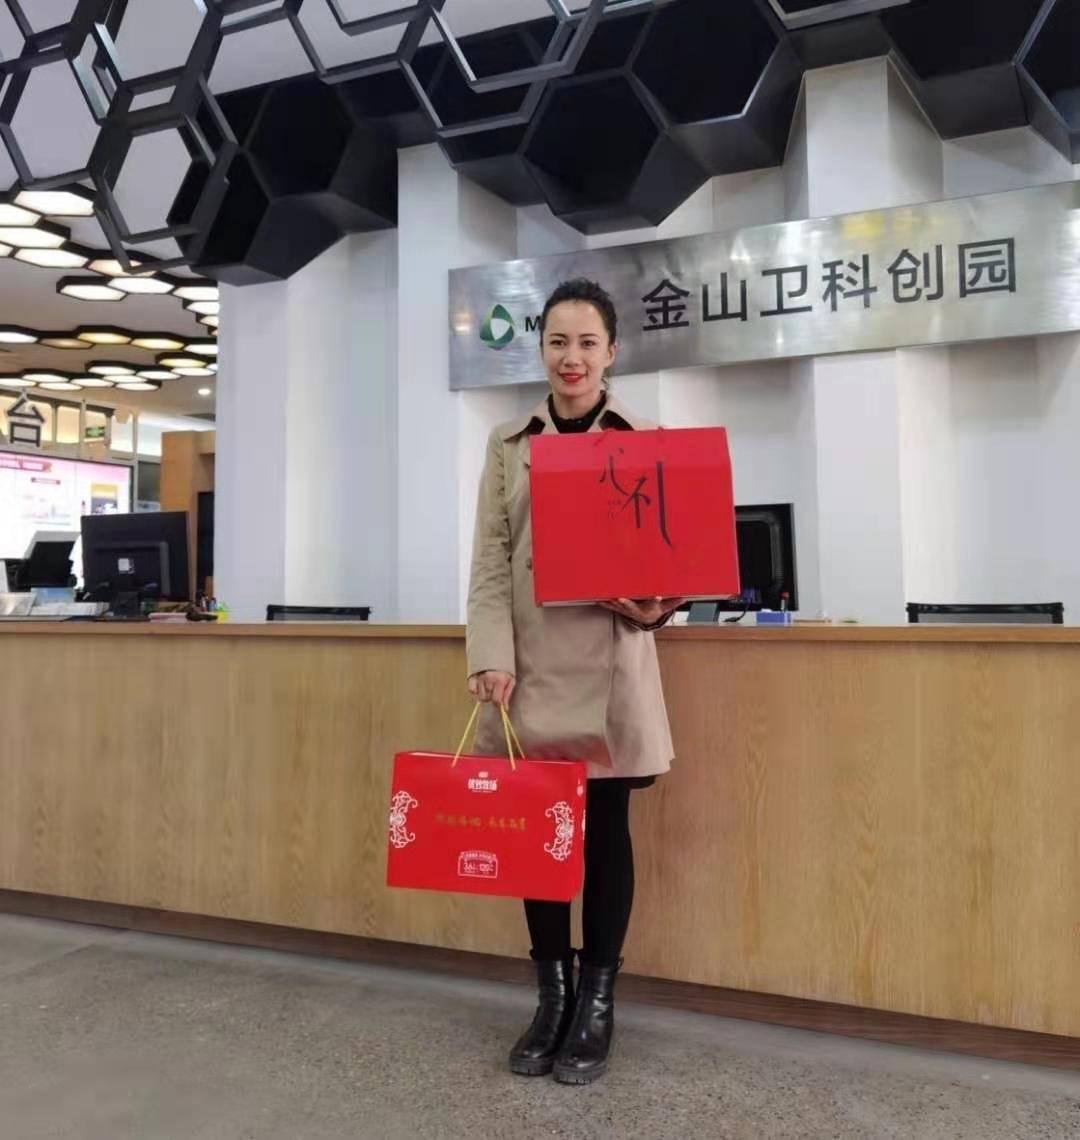 新疆员工很高兴在上海过年